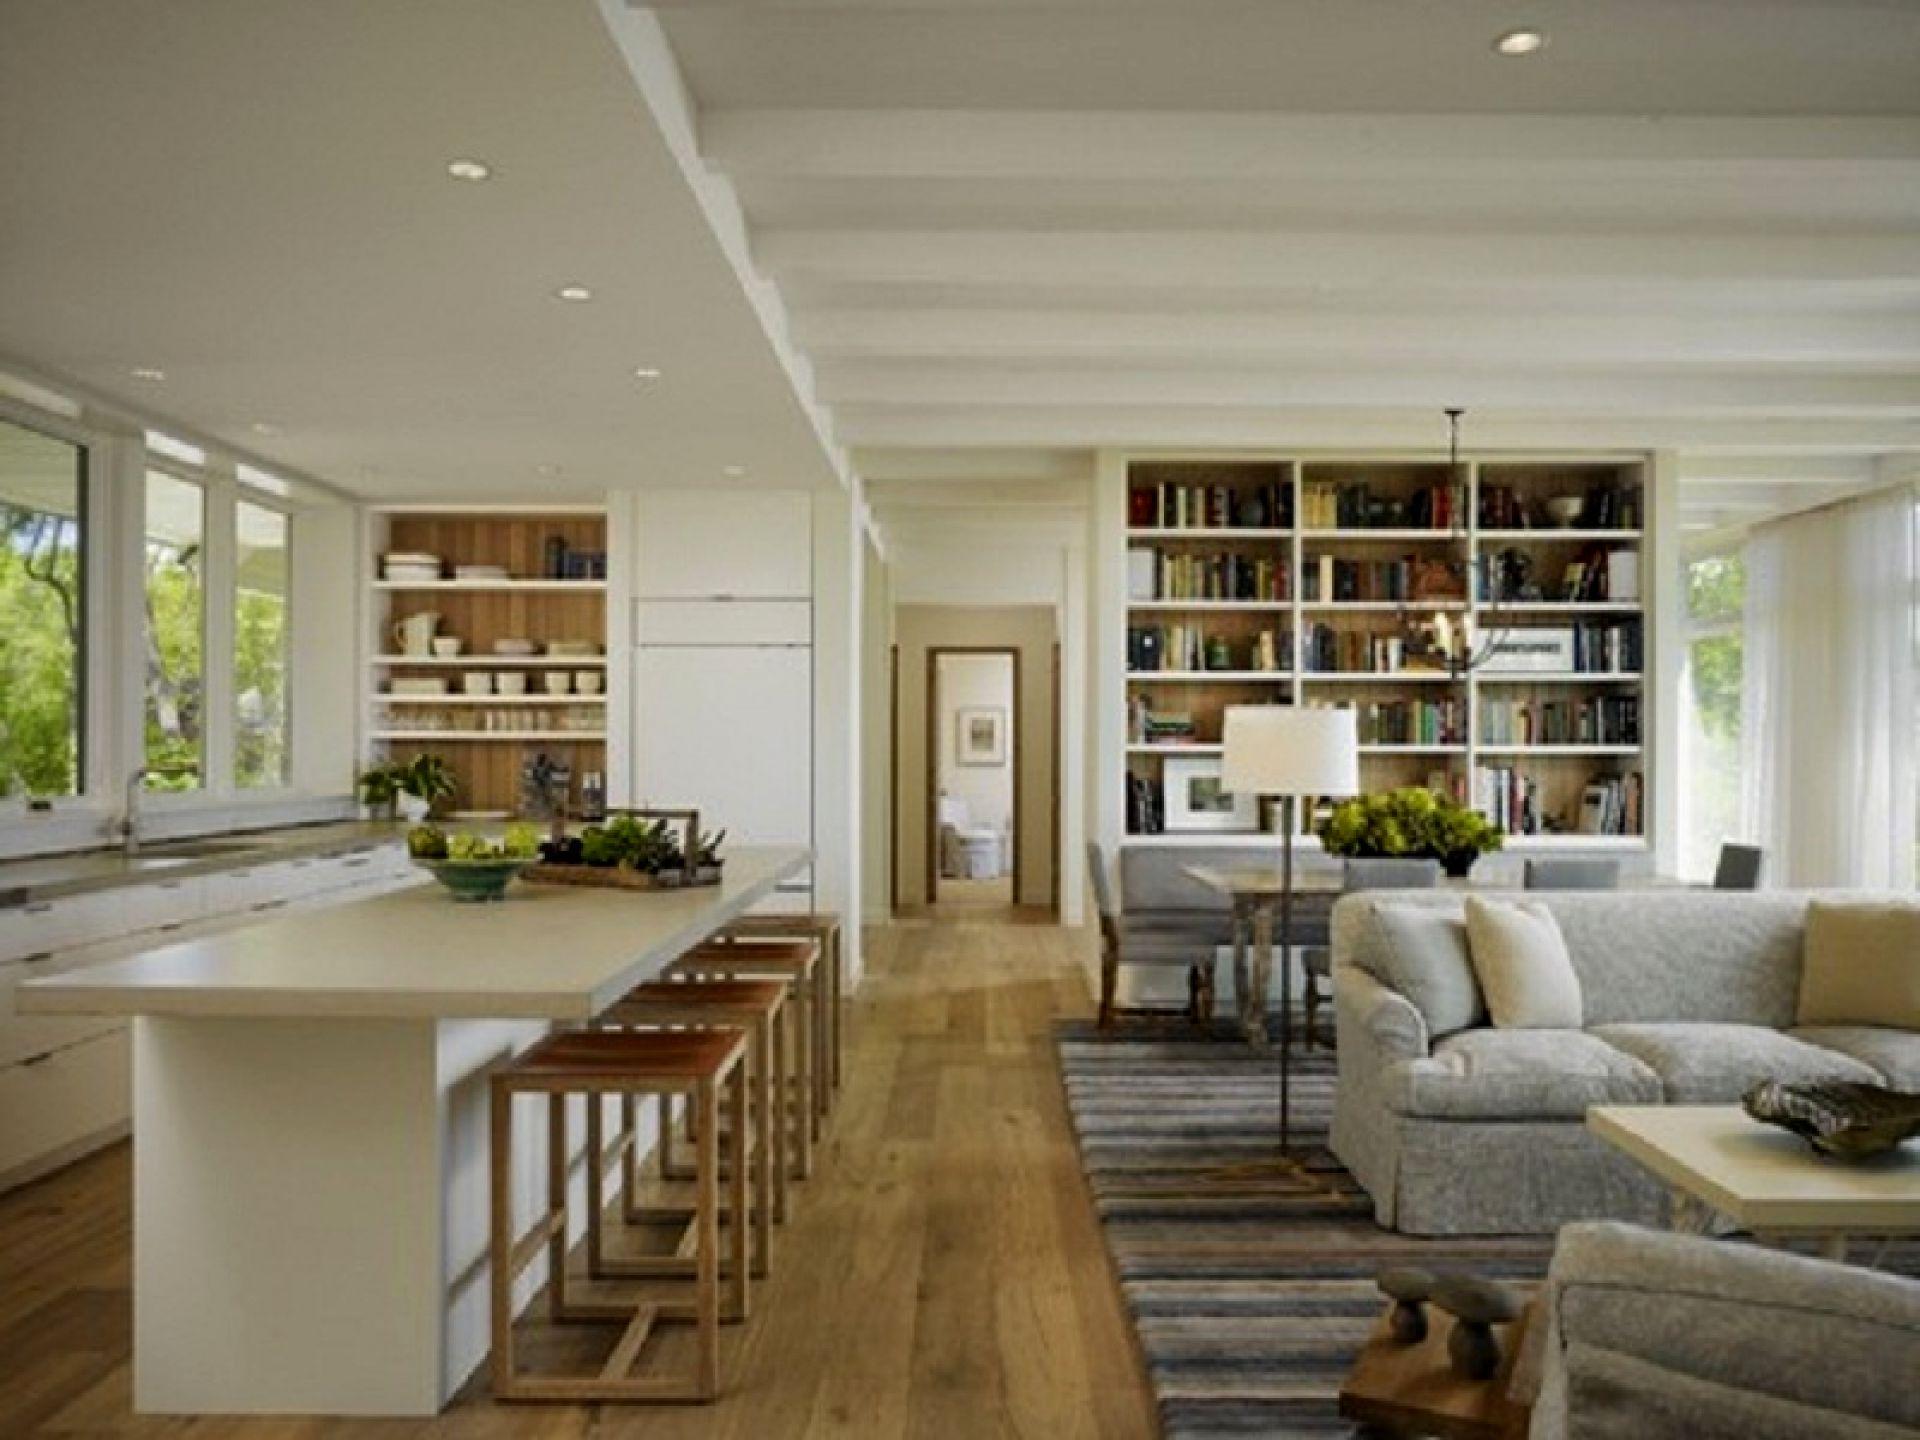 køkken stue åben plan design ideer